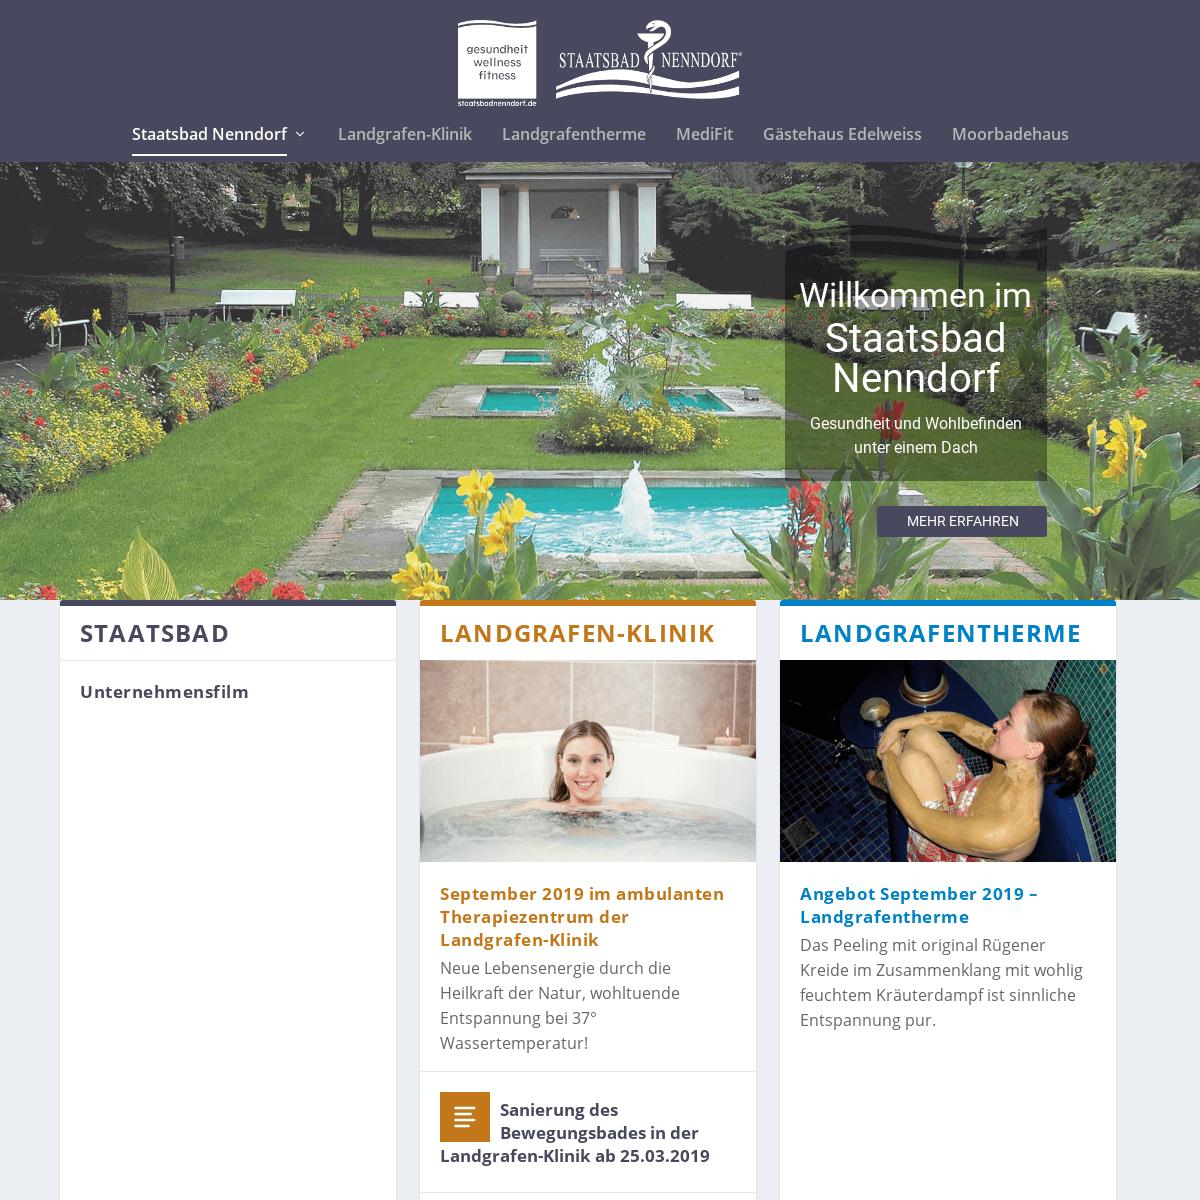 Staatsbad Nenndorf - Gesundheit und Wohlbefinden unter einem Dach